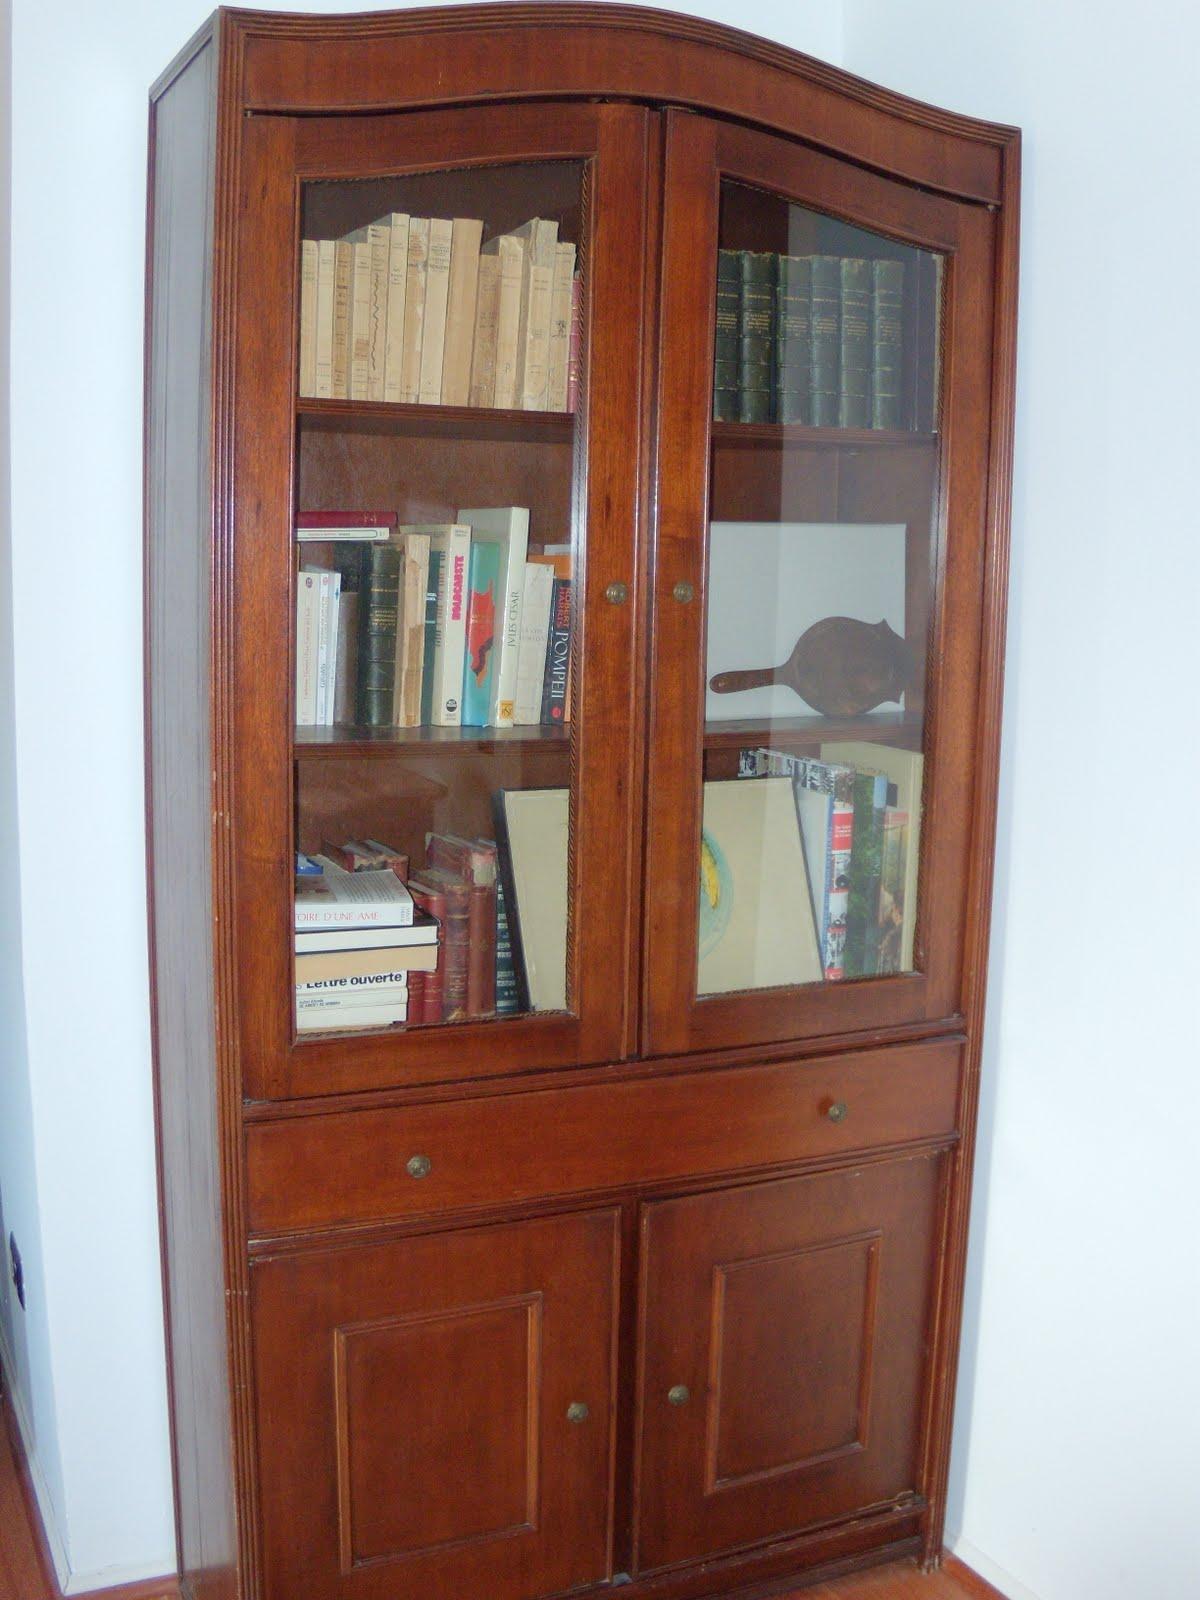 Venta garage mueble librero con dos puertas de vidrio un for Muebles para garage